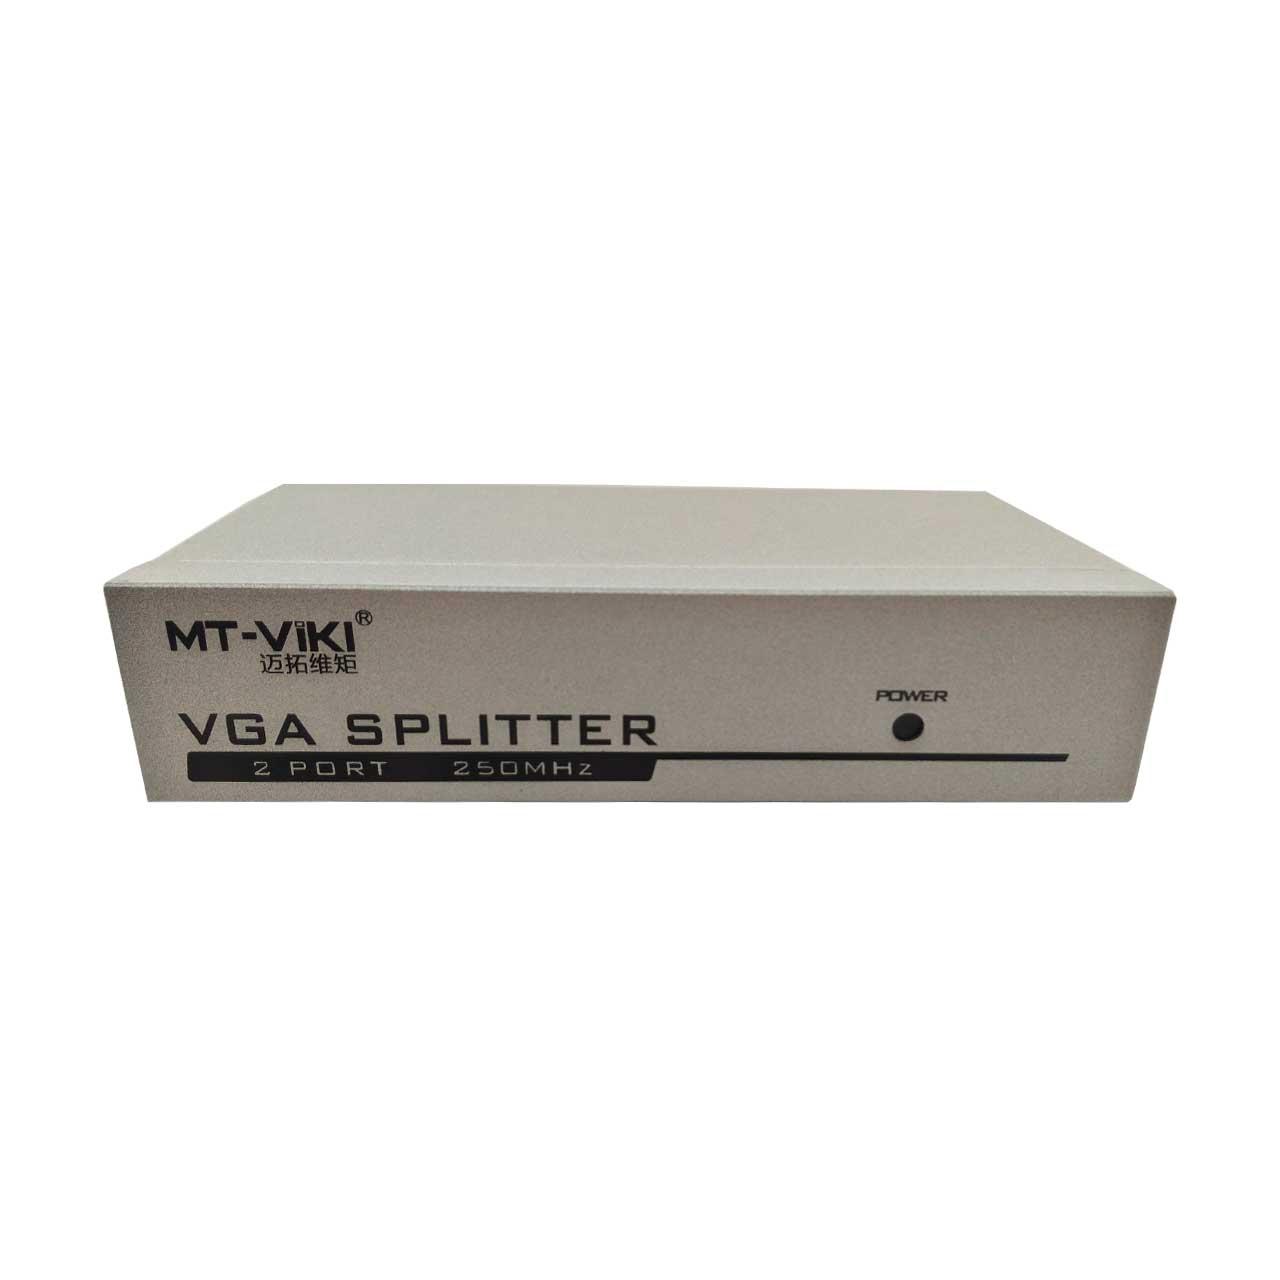 اسپلیتر 1 به 2 VGA ام تی ویکی مدل MT-M250